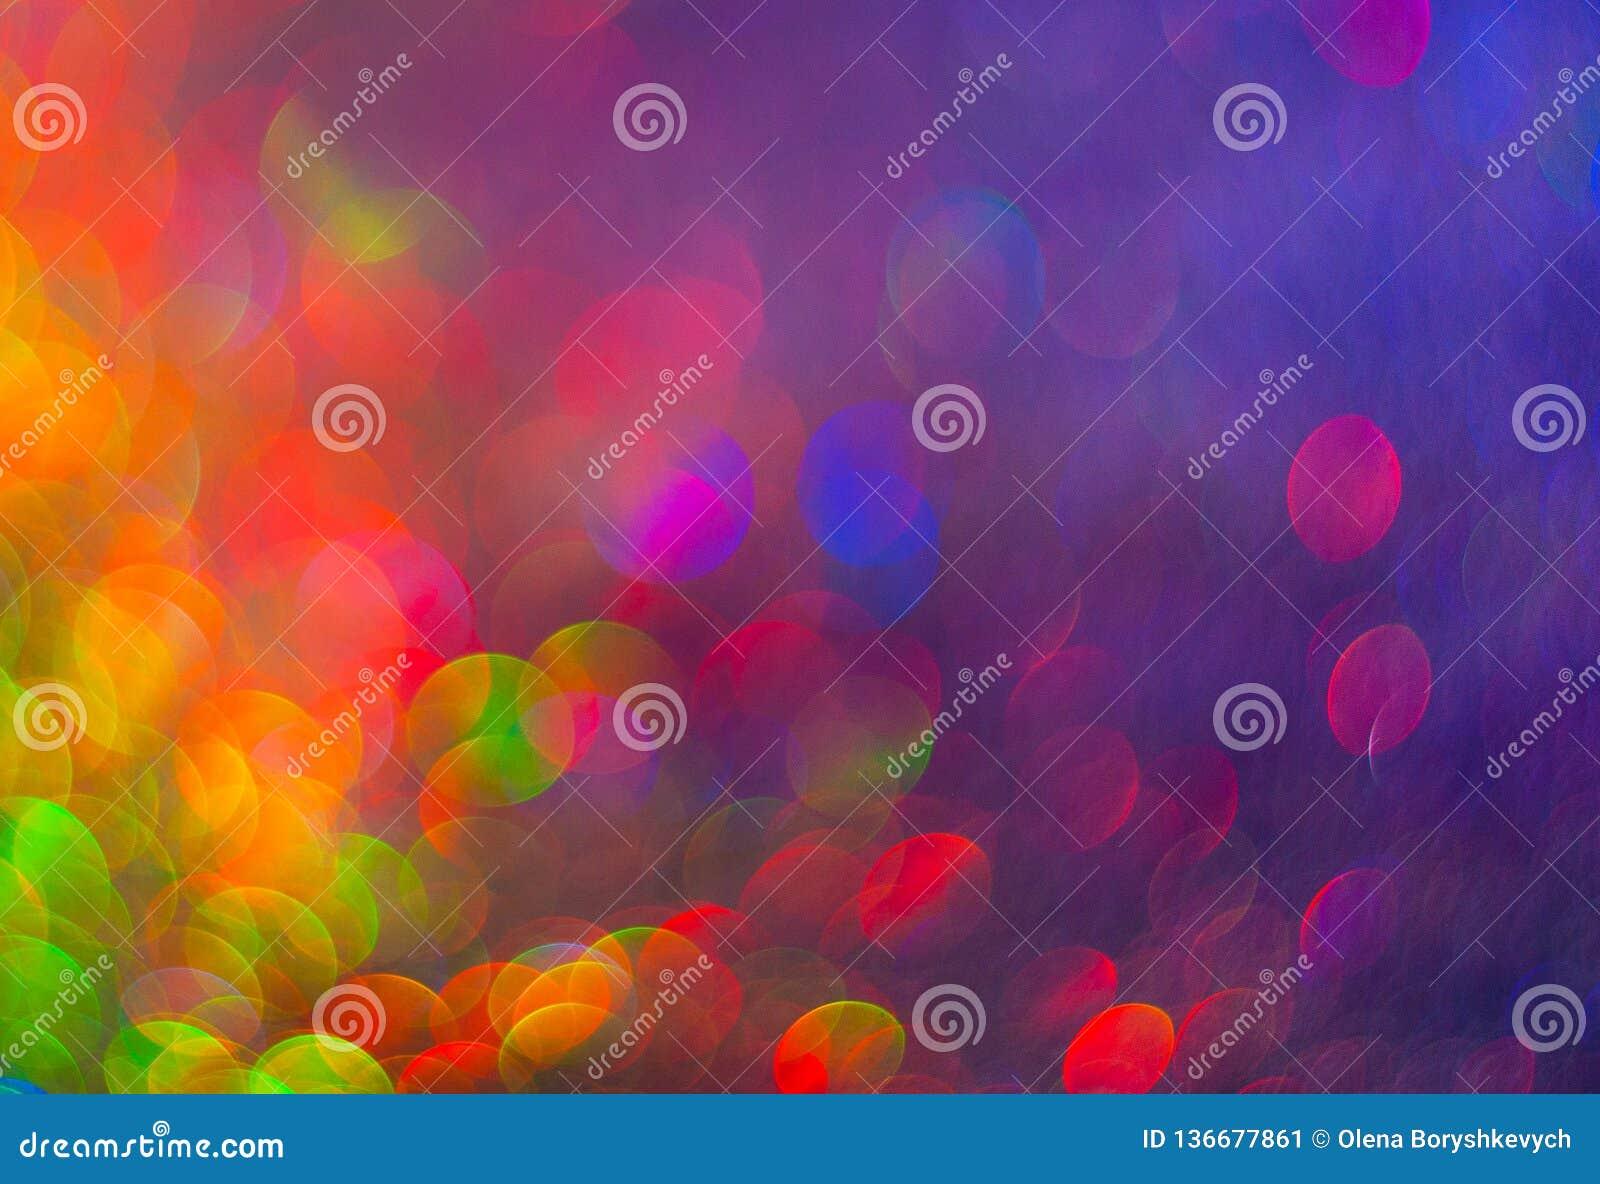 Der unfocused bunte Hintergrund von abstrakten Lichtern